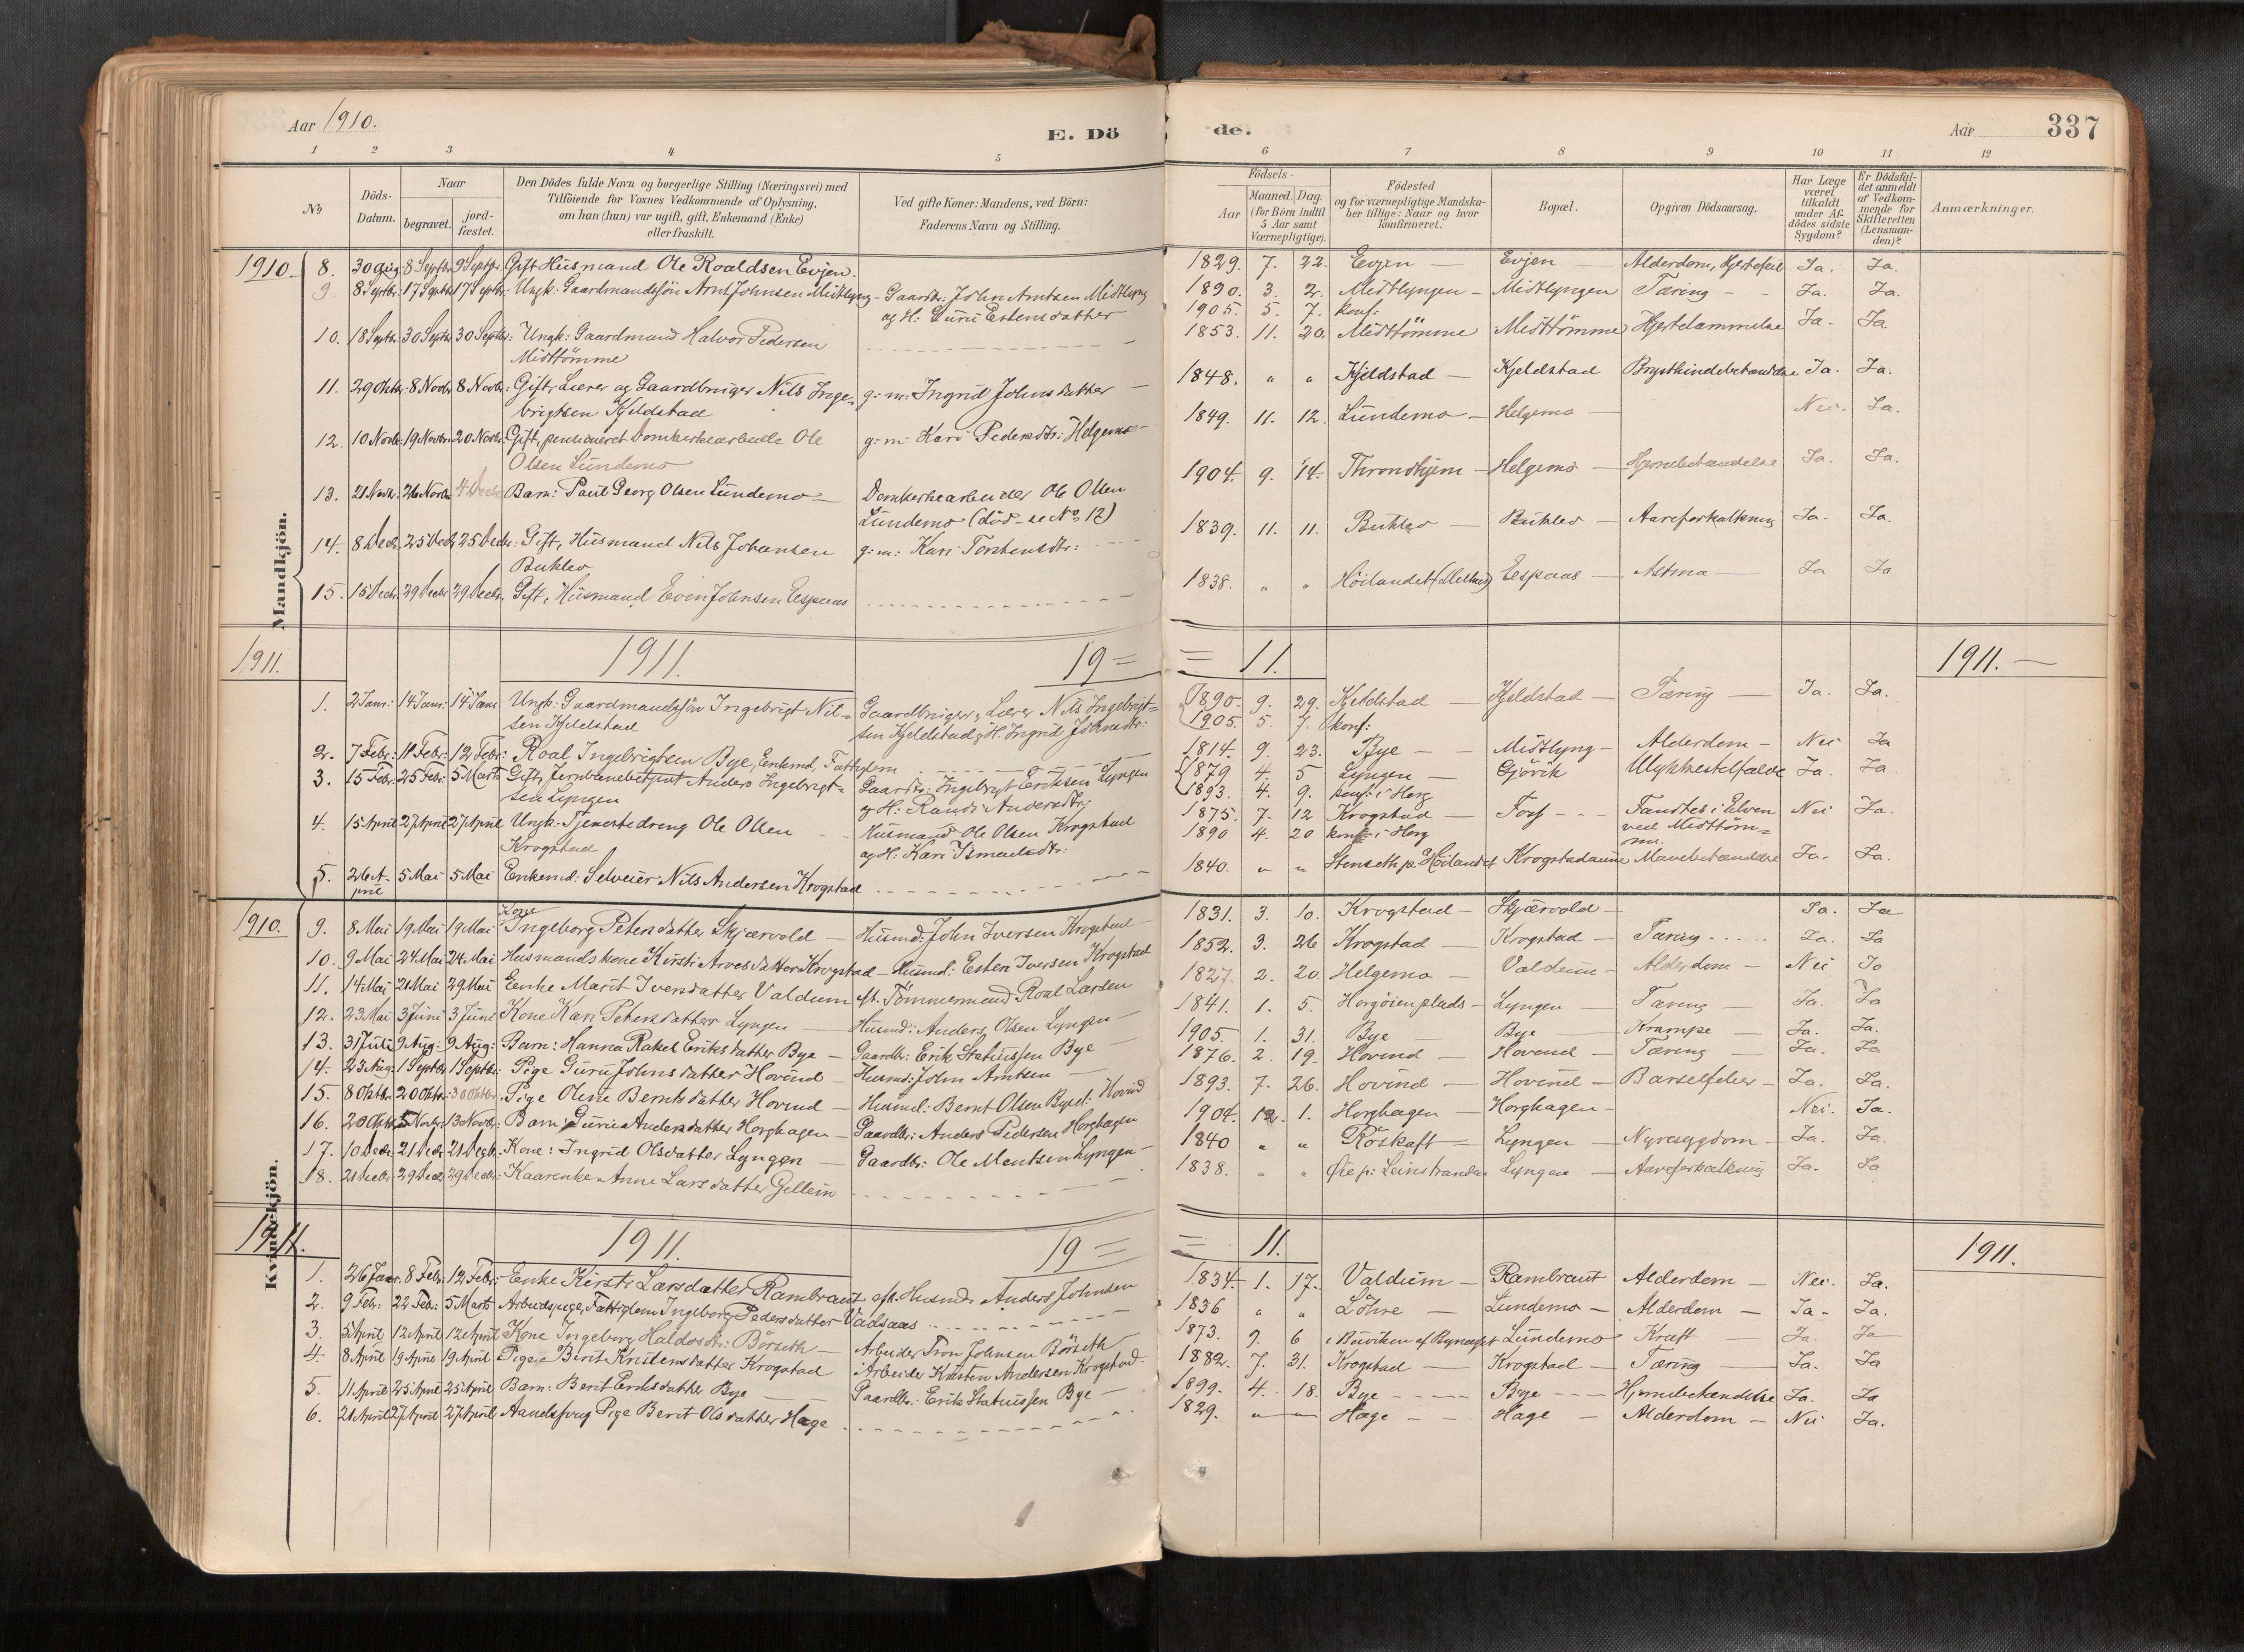 SAT, Ministerialprotokoller, klokkerbøker og fødselsregistre - Sør-Trøndelag, 692/L1105b: Ministerialbok nr. 692A06, 1891-1934, s. 337